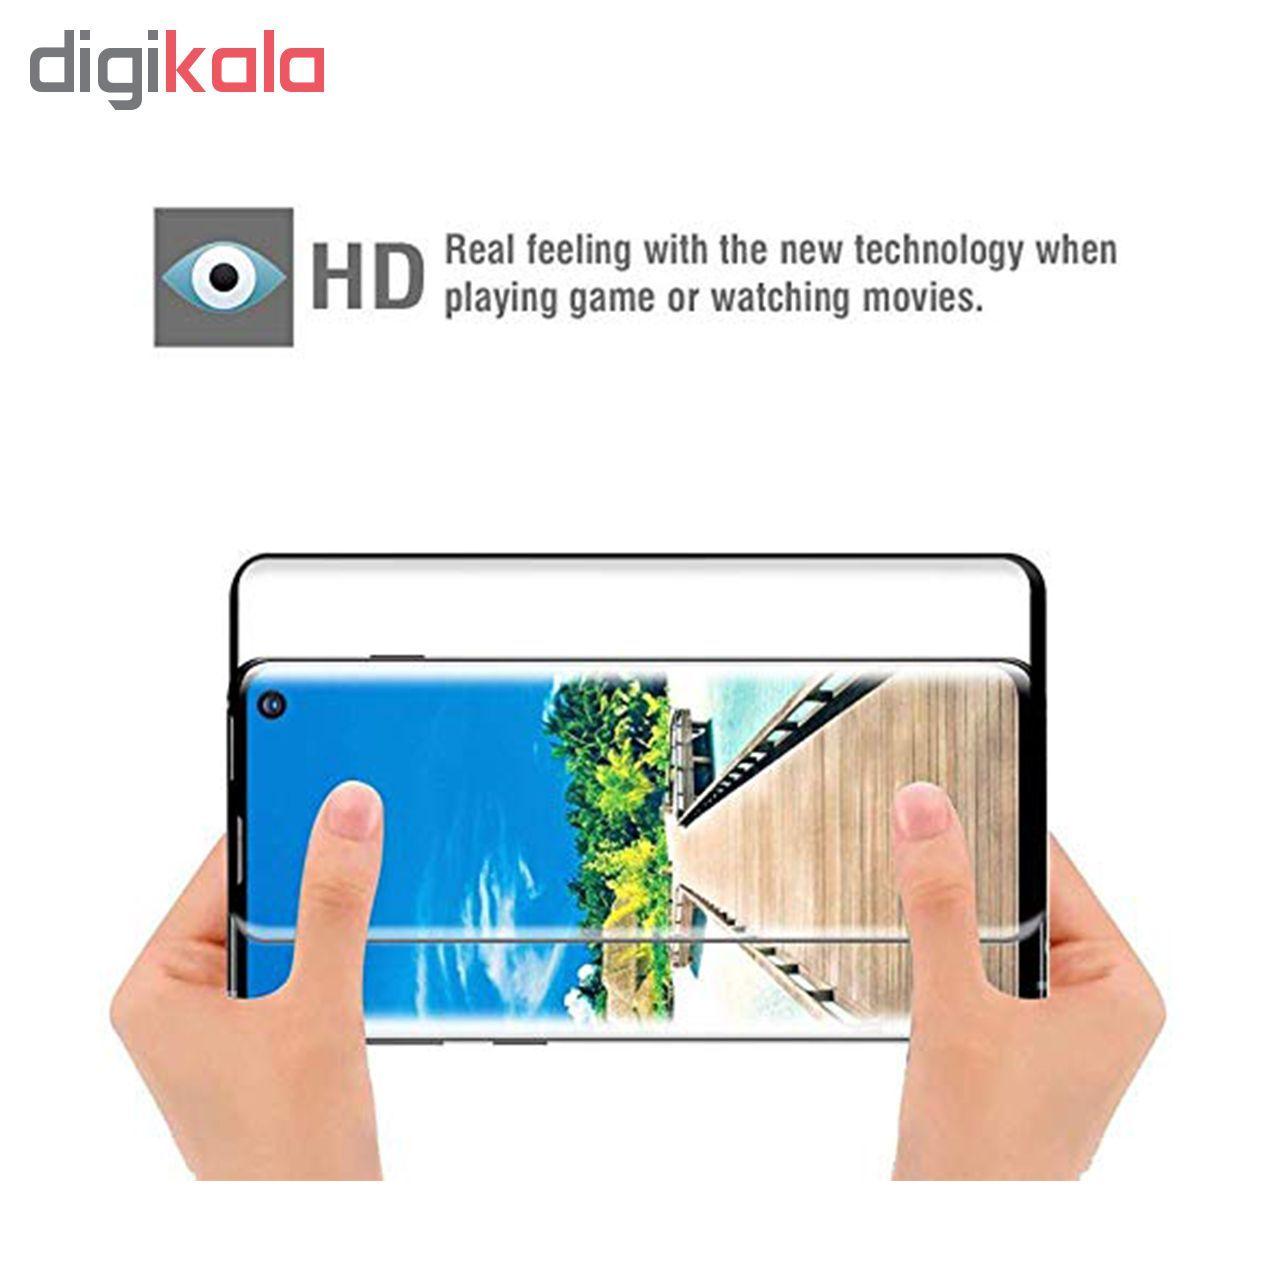 محافظ صفحه نمایش مدل 22eue مناسب برای گوشی سامسونگ Galaxy S10 Plus main 1 5